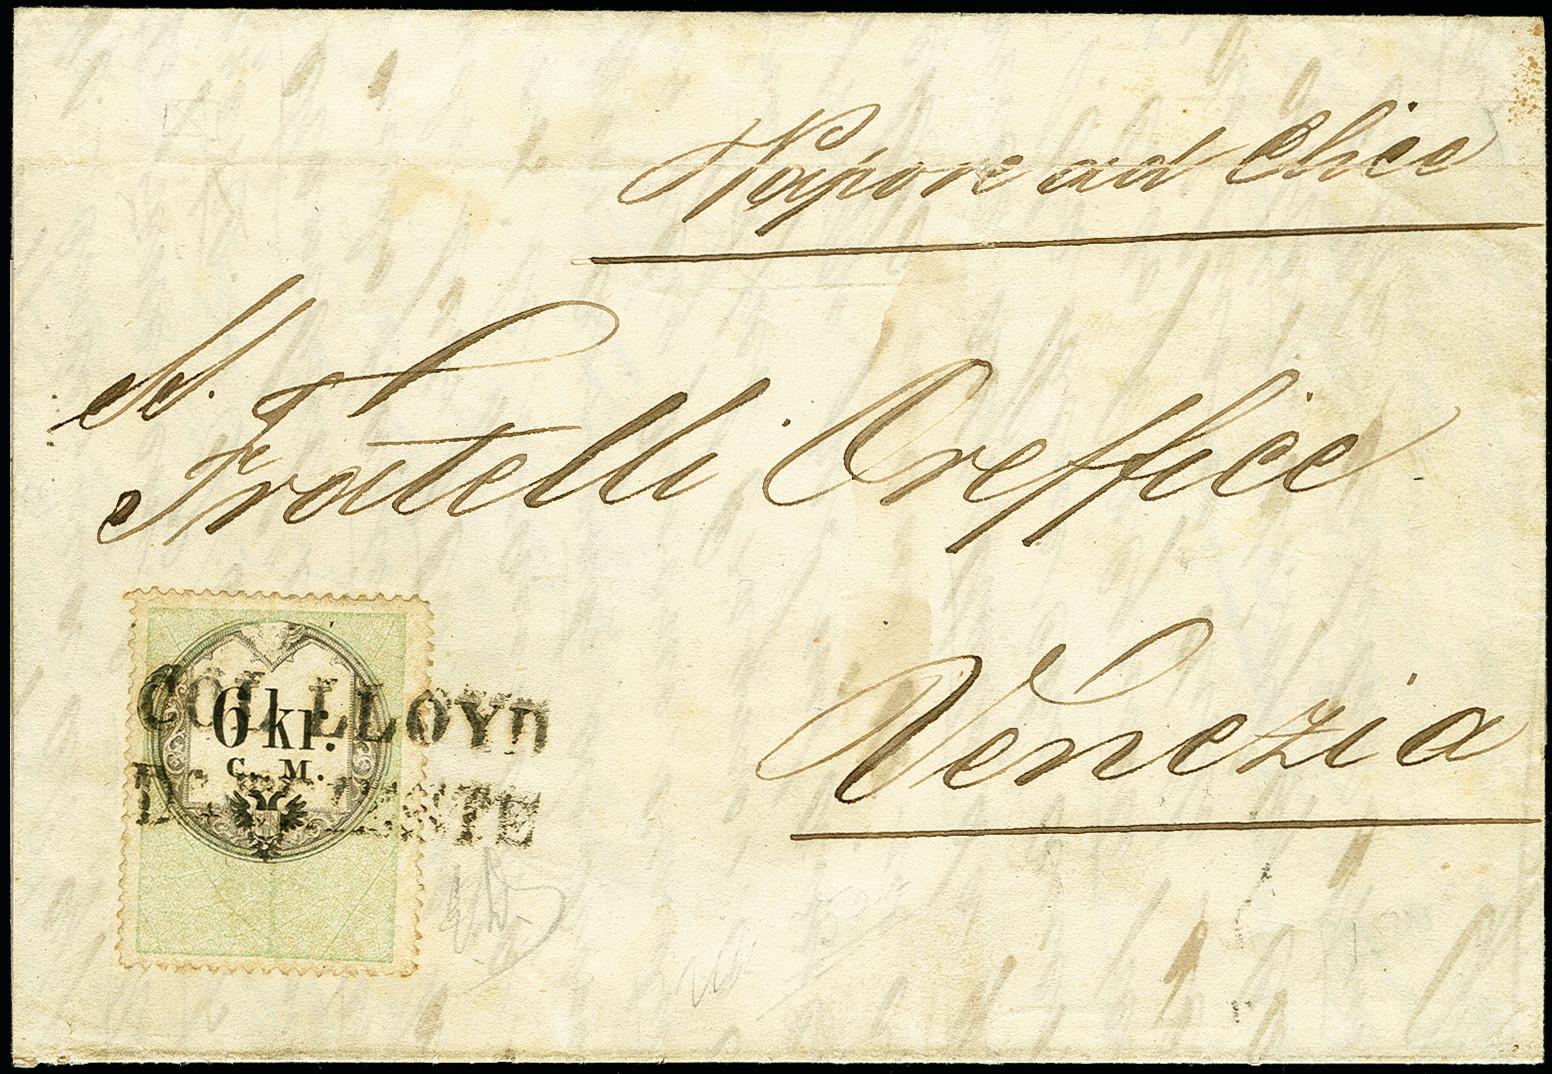 Lot 1089 - österreich Austria postal fiscal stamps -  Heinrich Koehler Auktionen 375rd Heinrich Köhler auction - Day 1